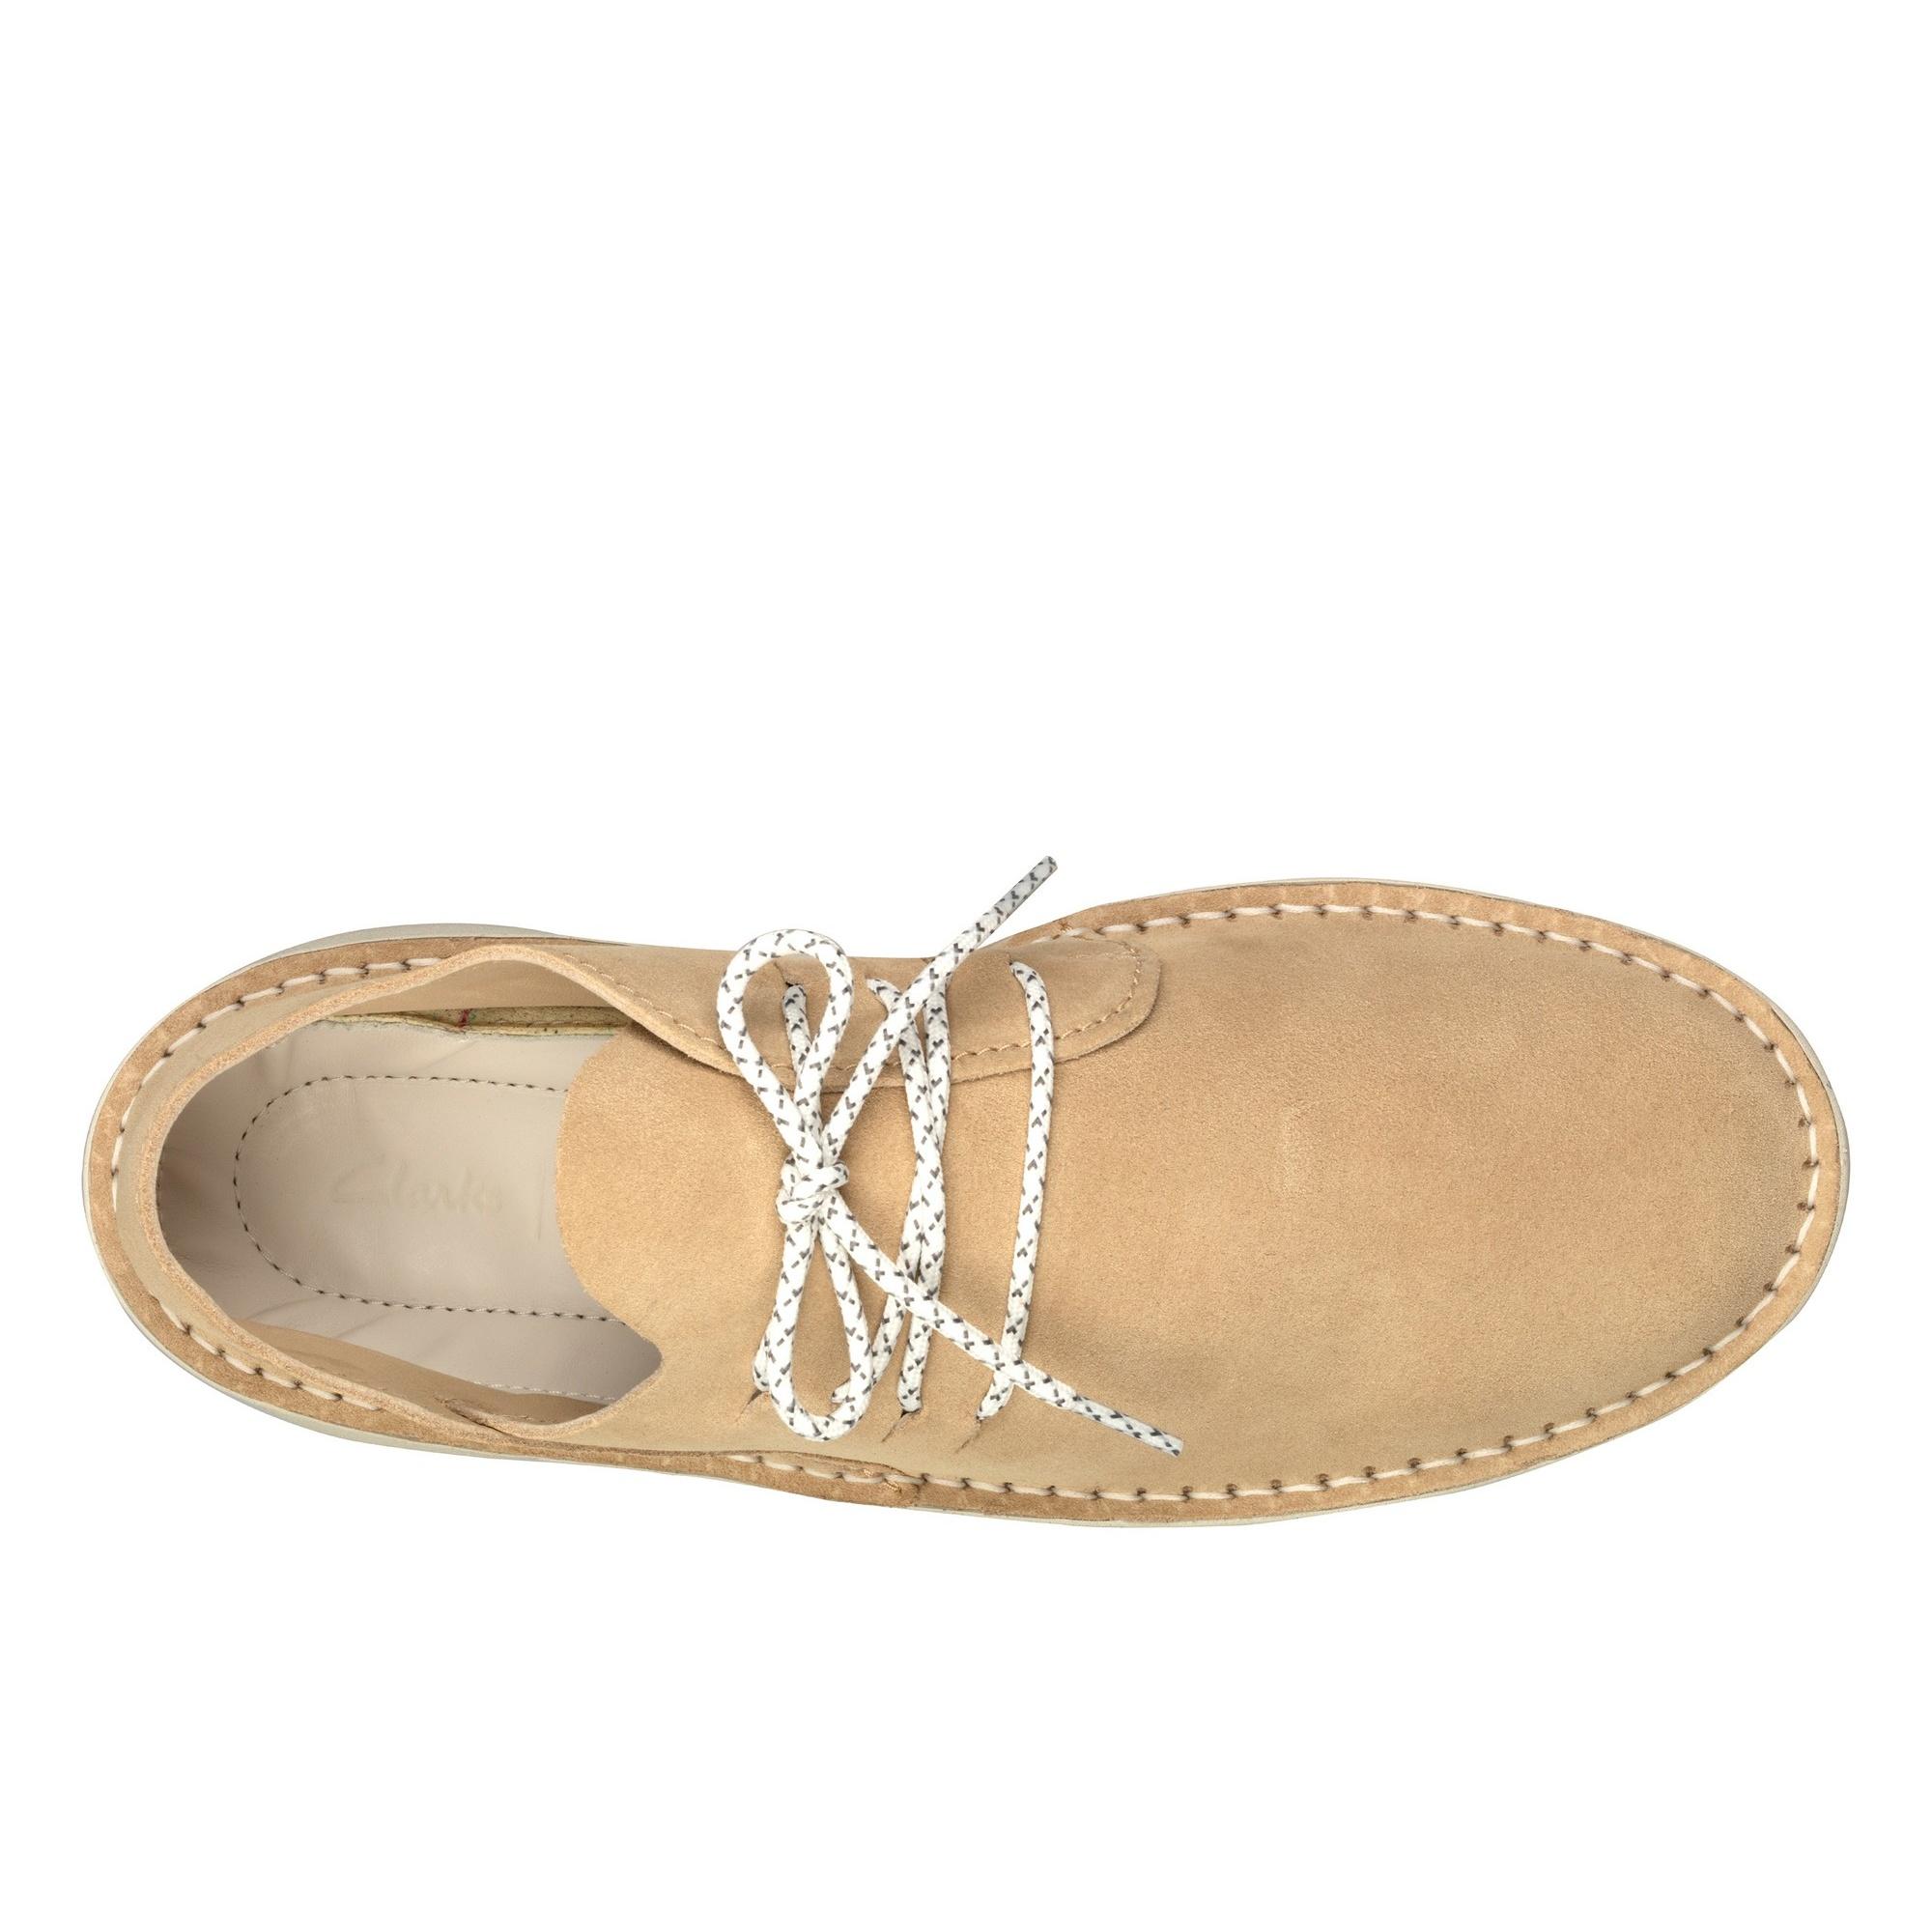 miniature 12 - Clarks - Chaussures décontractées ORIGIN - Homme (CK114)